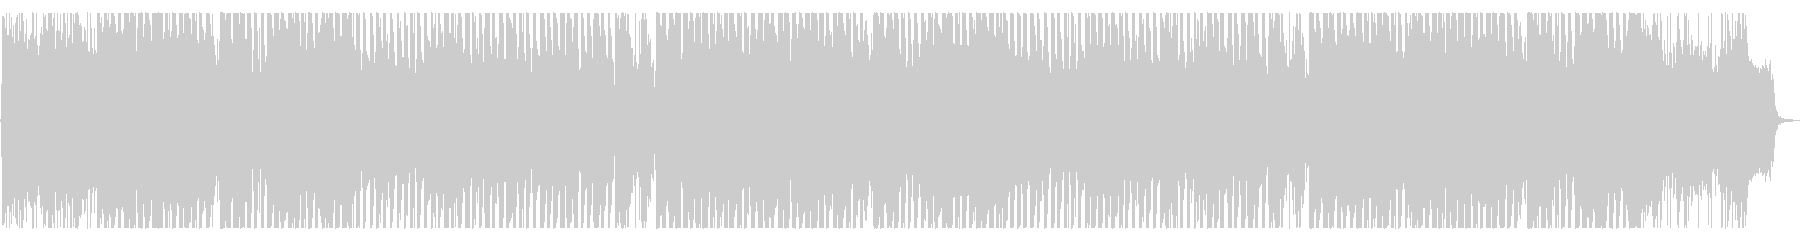 【和風EDM】尺八と琴でゆったりの未再生の波形